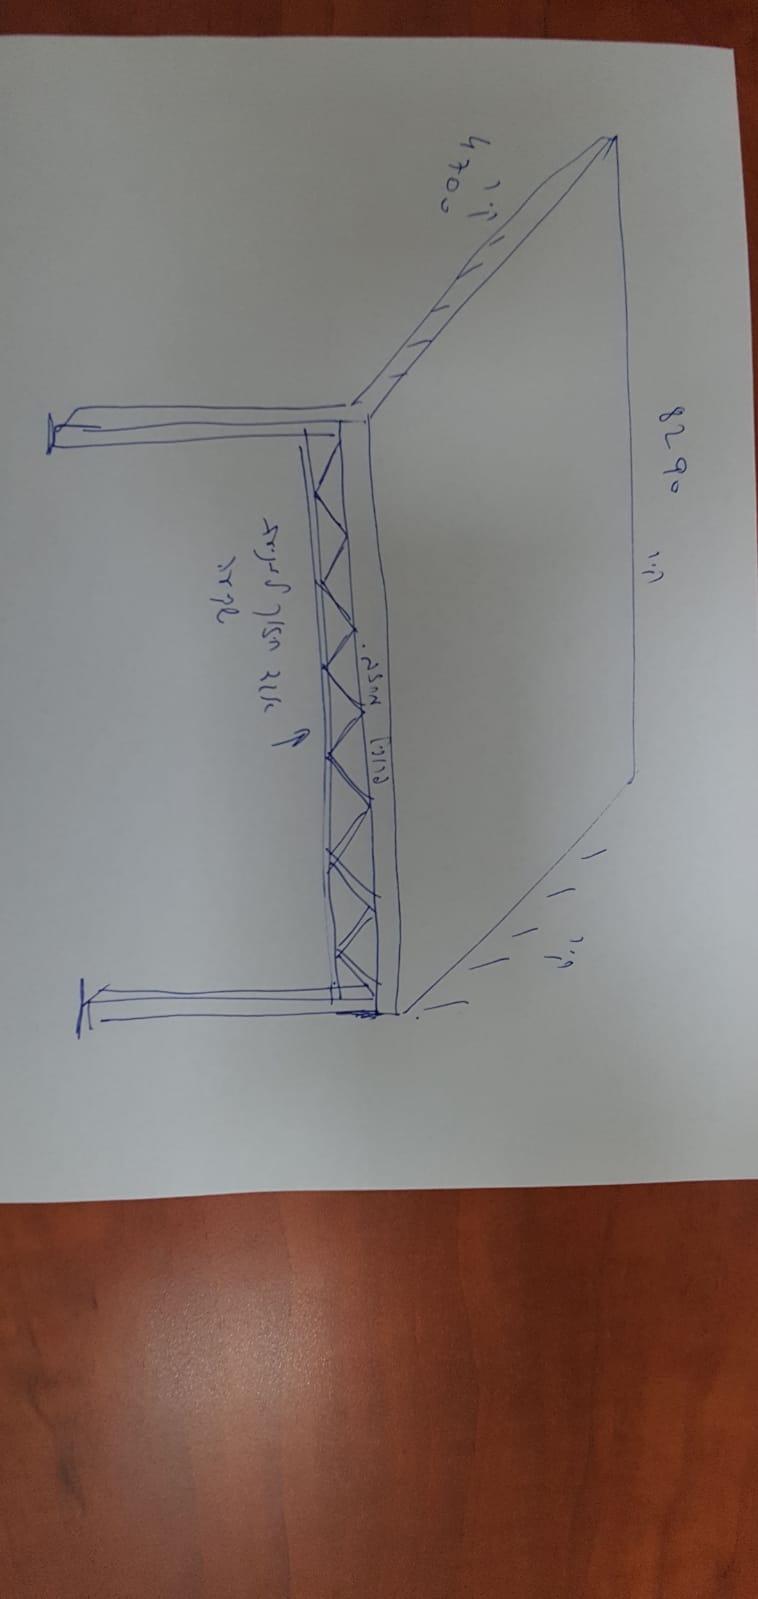 עיצוב פרגולה בהתאמה אישית - יצרן פרגולות מפעל פרגולות לפי דרישה